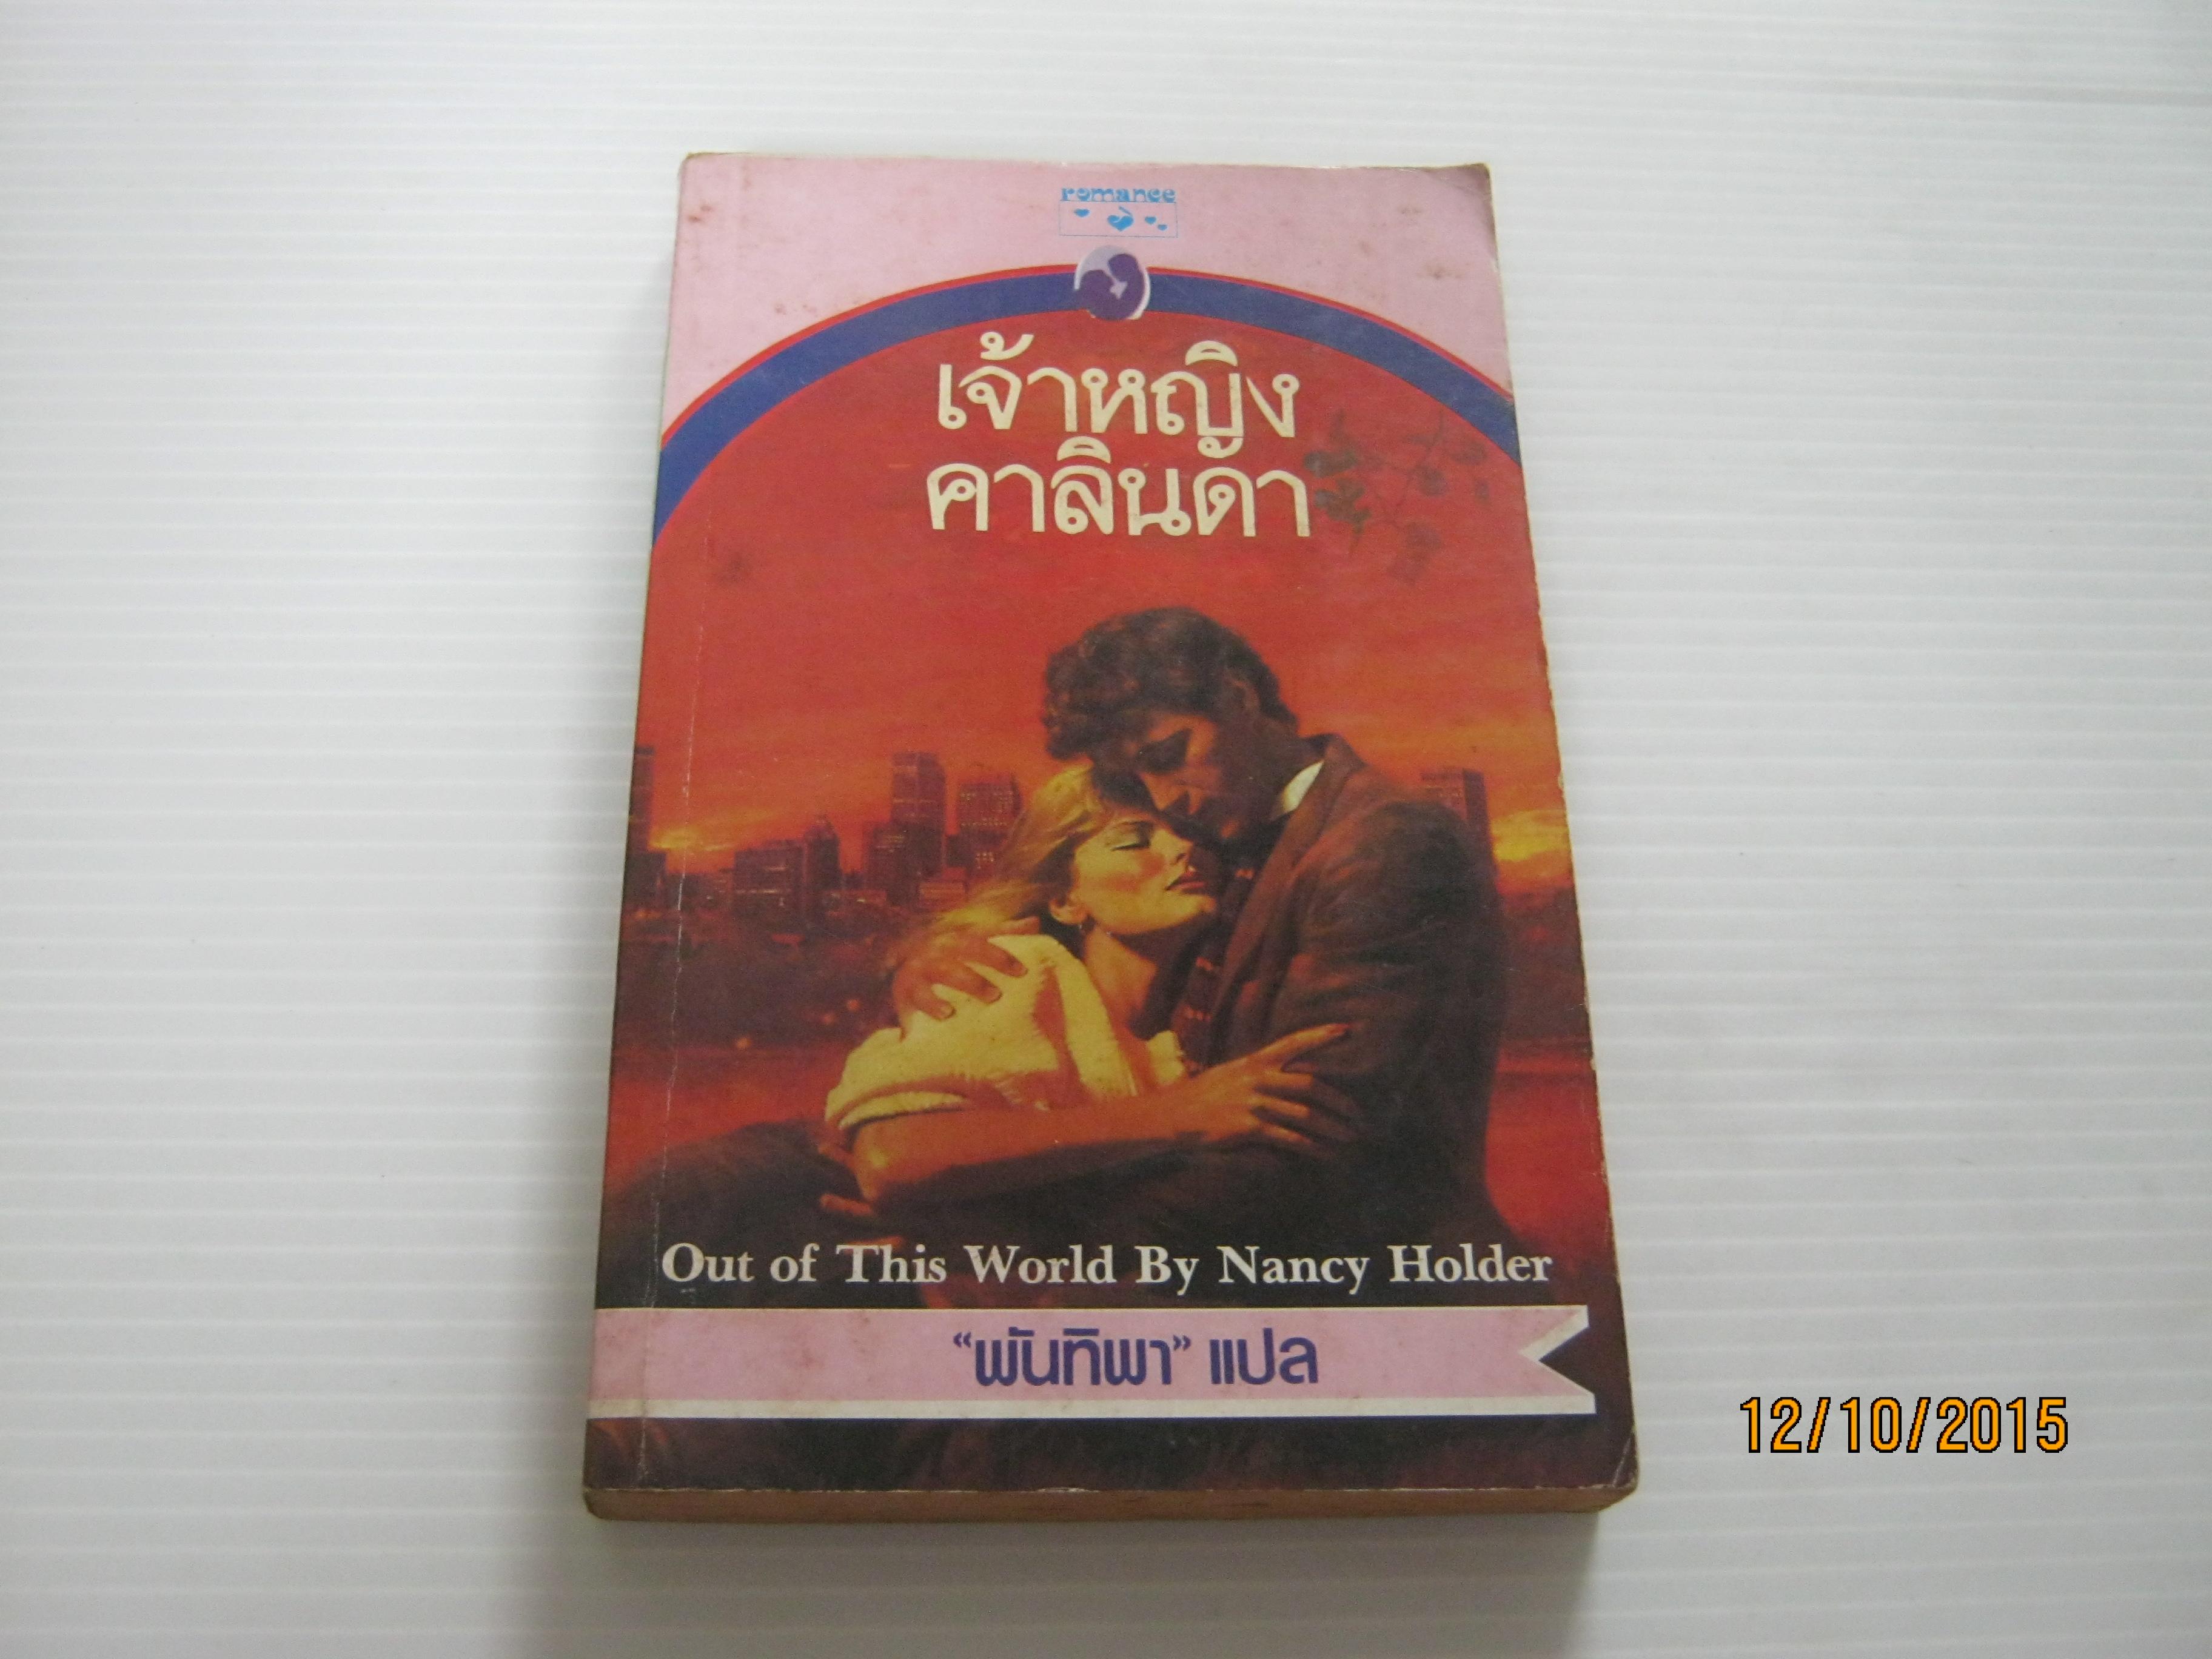 เจ้าหญิงคาลินดา (Out of This World) Nancy Holder เขียน พันทิพา แปล